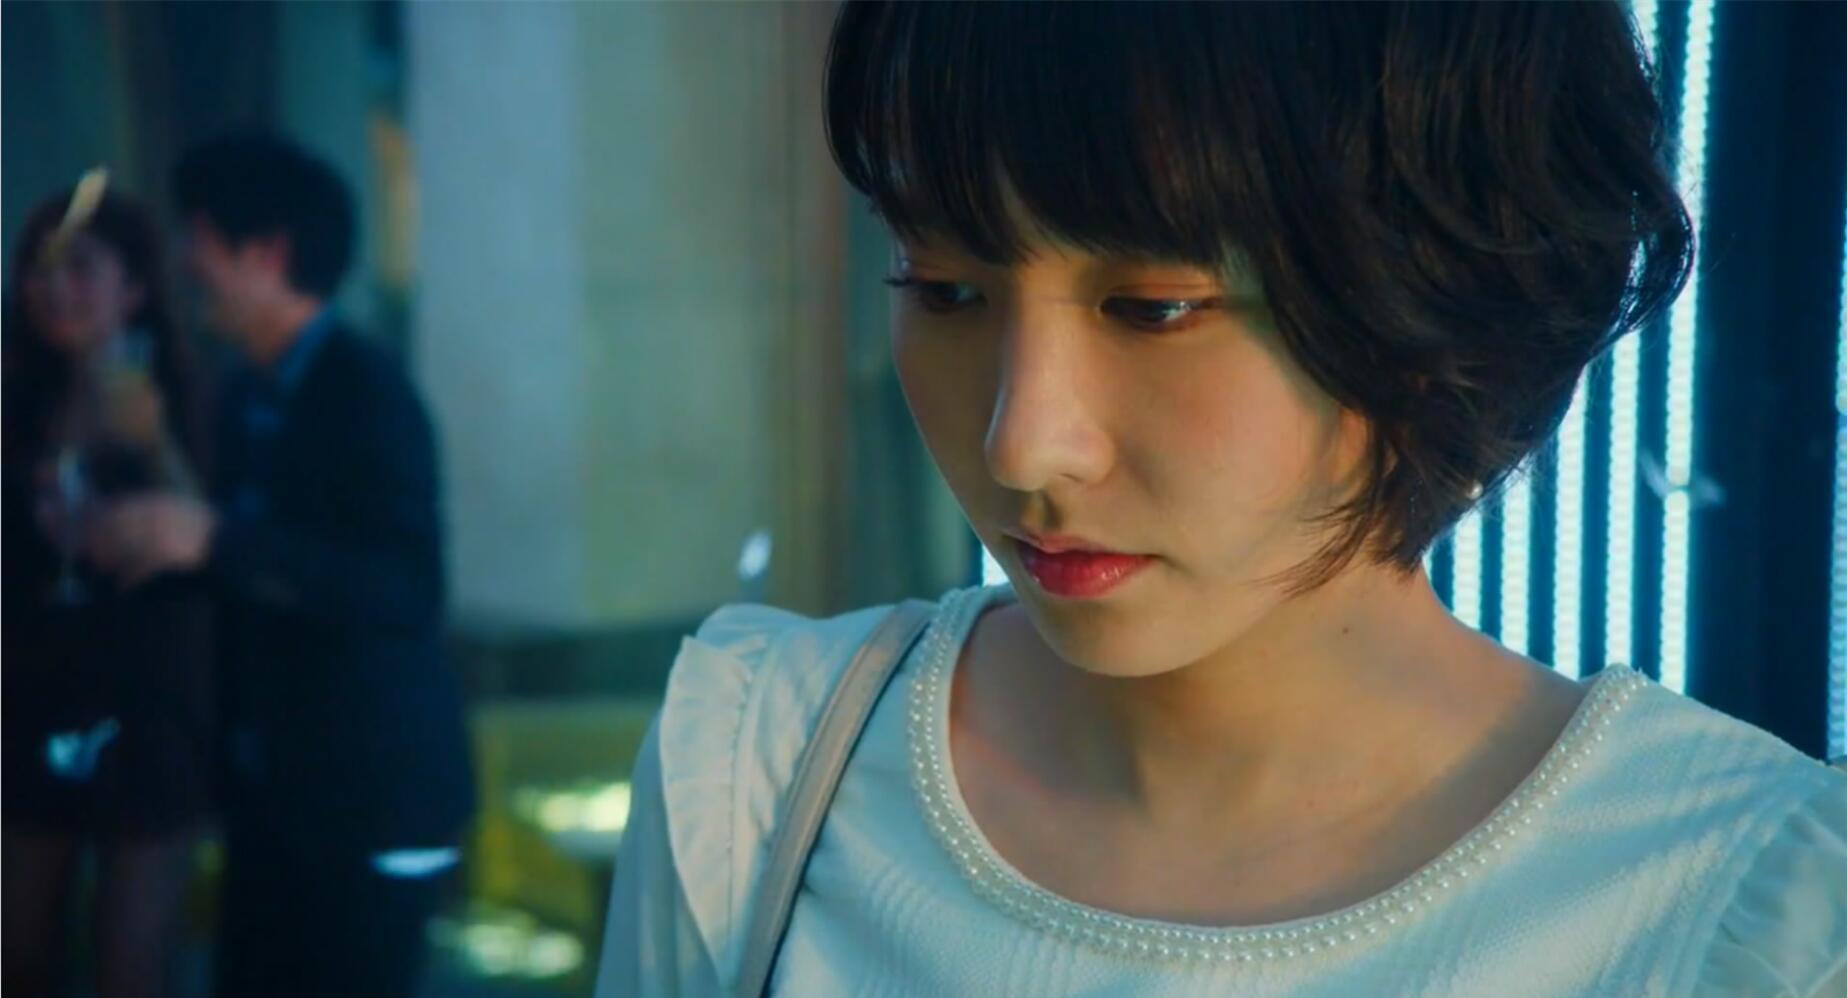 #经典看电影#新垣结衣为爱打球,她被誉为大众情人,用颜值撑起这部电影